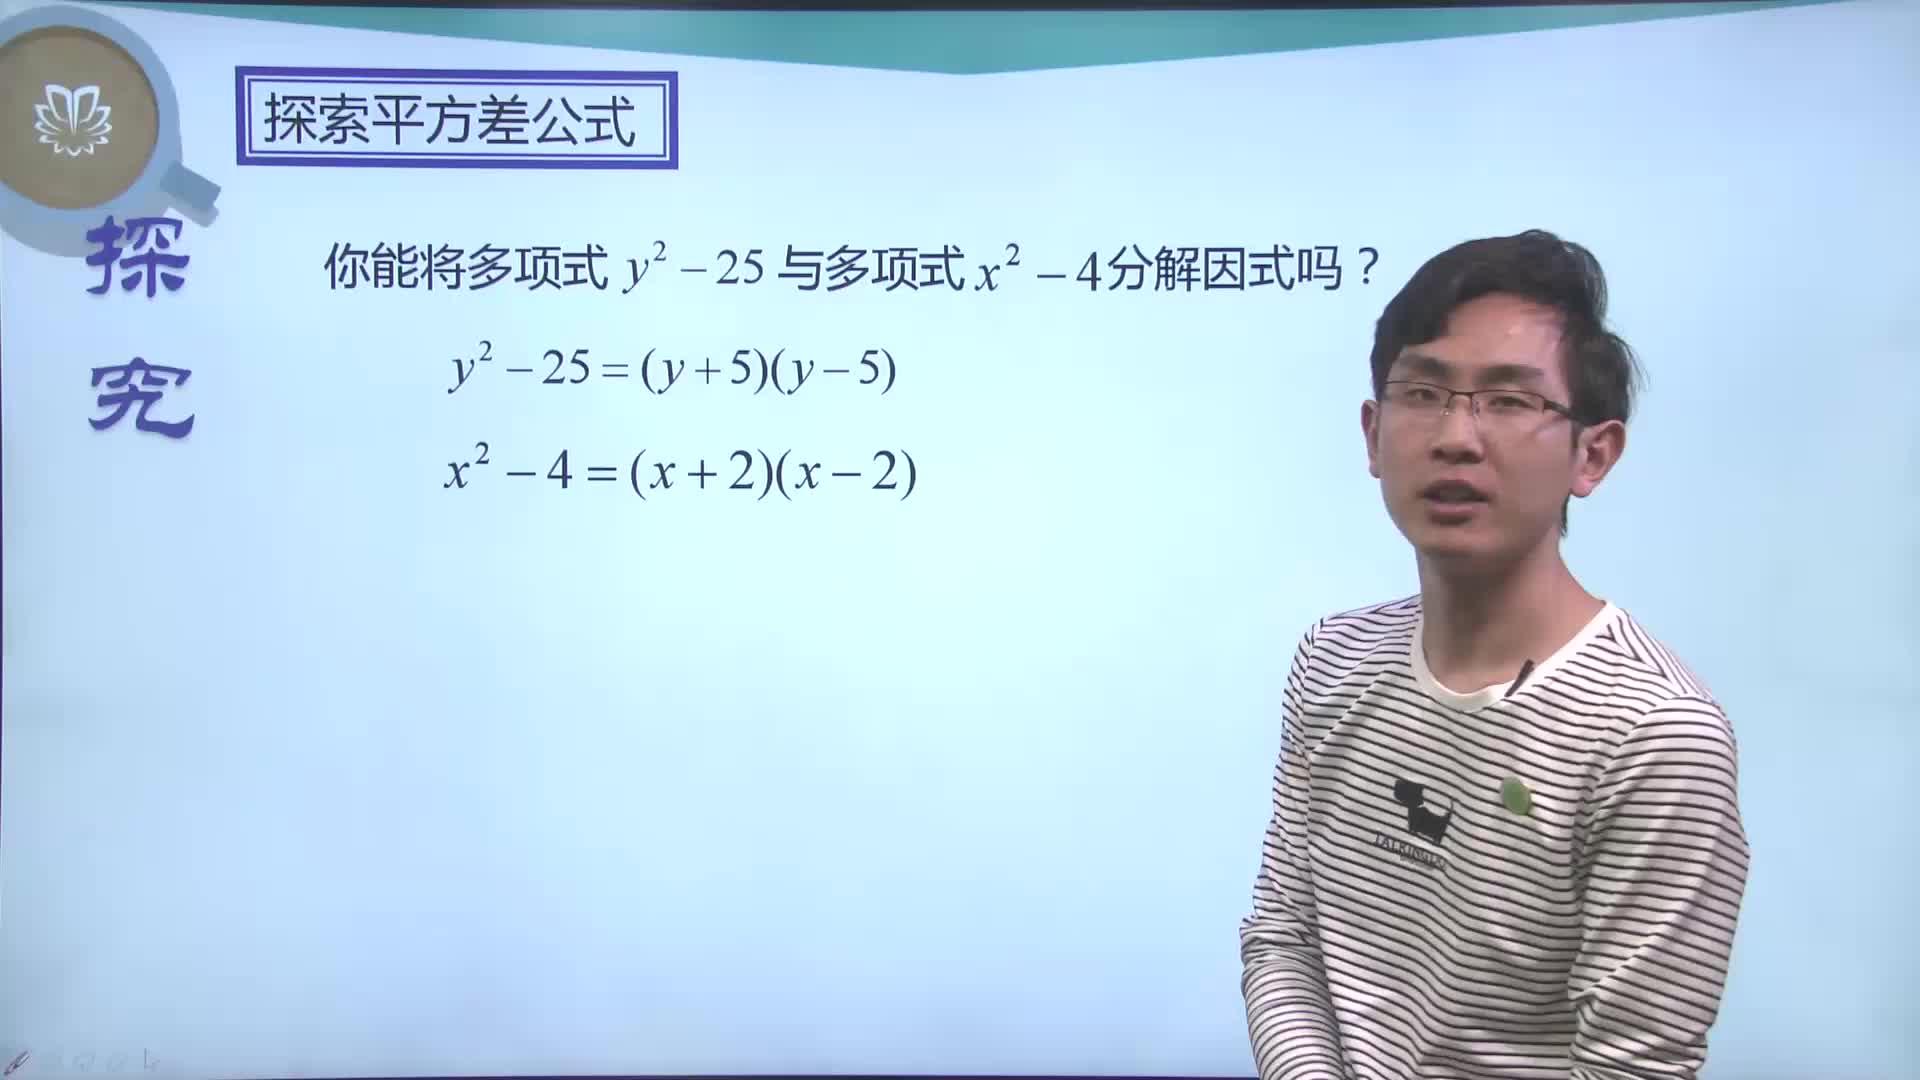 視頻39 14.3.2公式法【慕聯】初中完全同步系列人教版數學八年級上冊